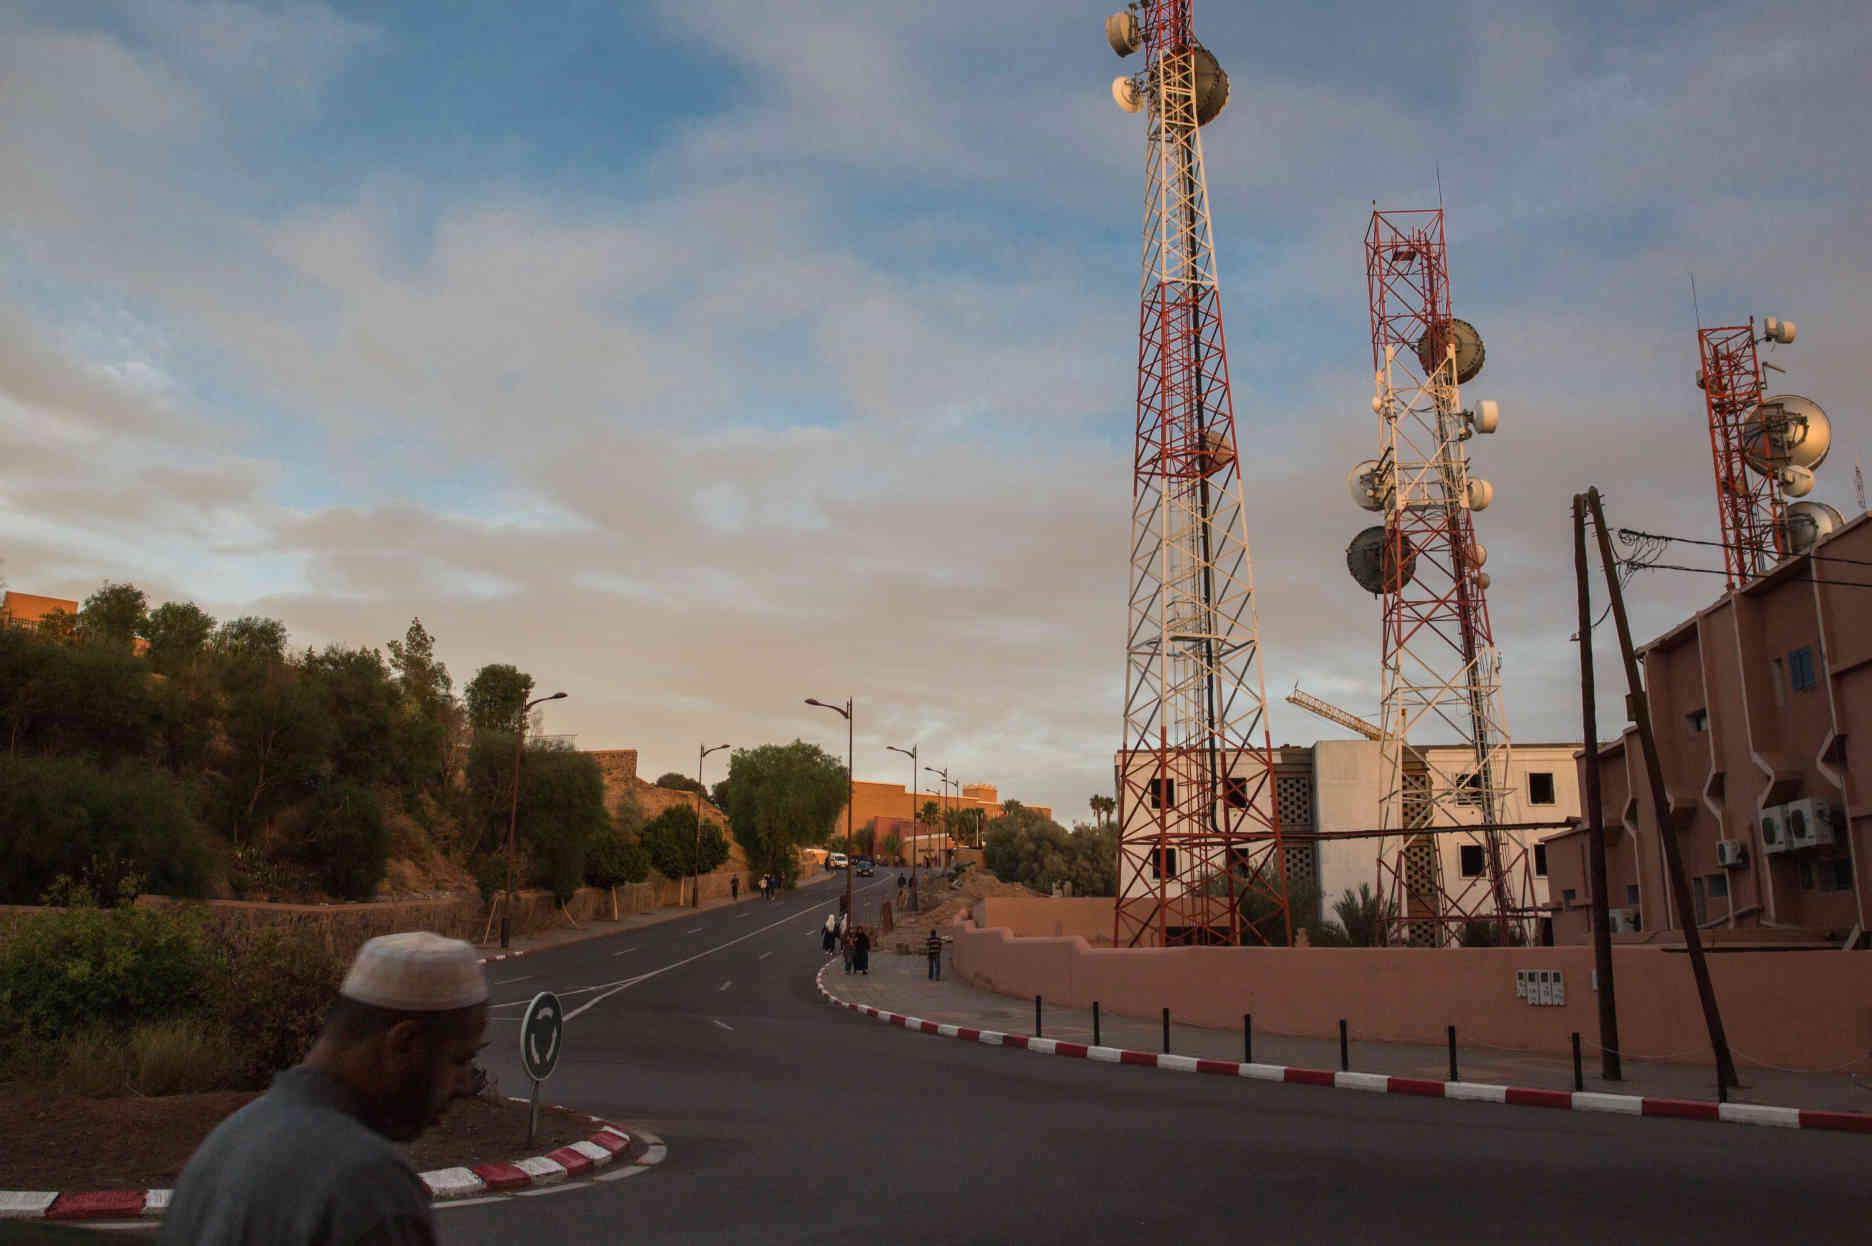 A Ouarzazate Le Grand Chantier Solaire Du Maroc